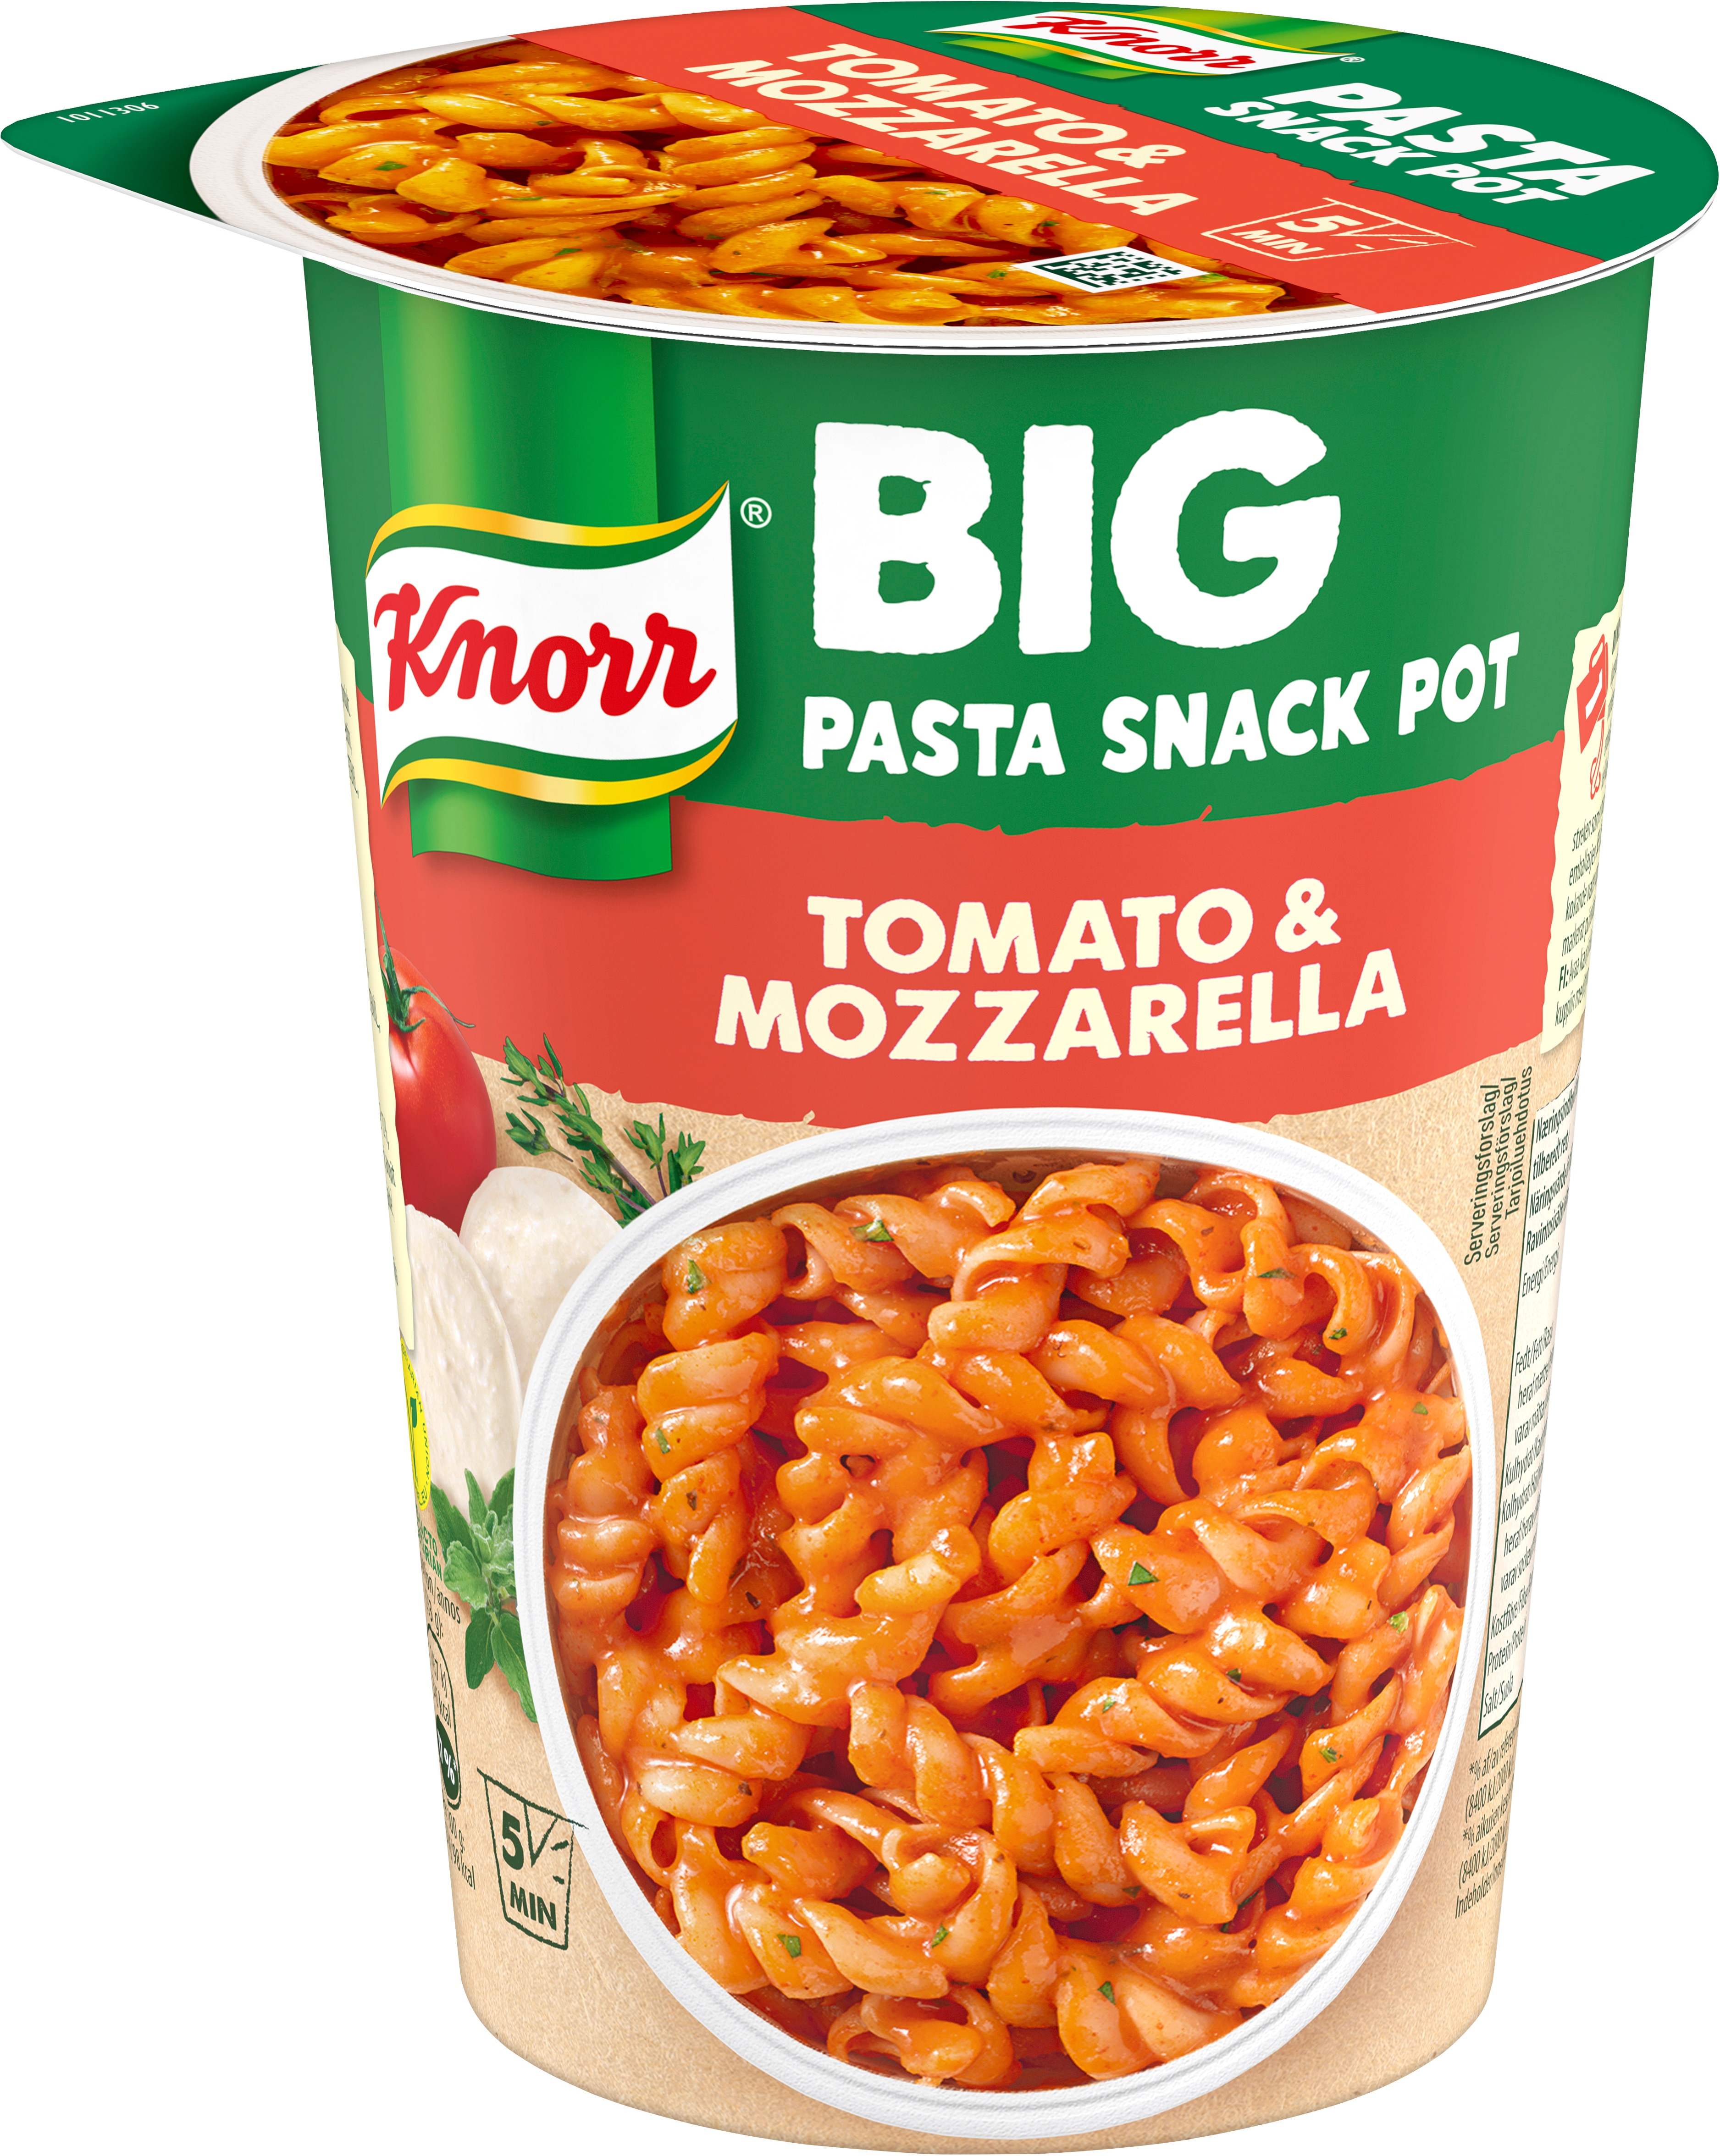 Snack Pot BIG, Tomato & Mozzarella 8x 93 gr -